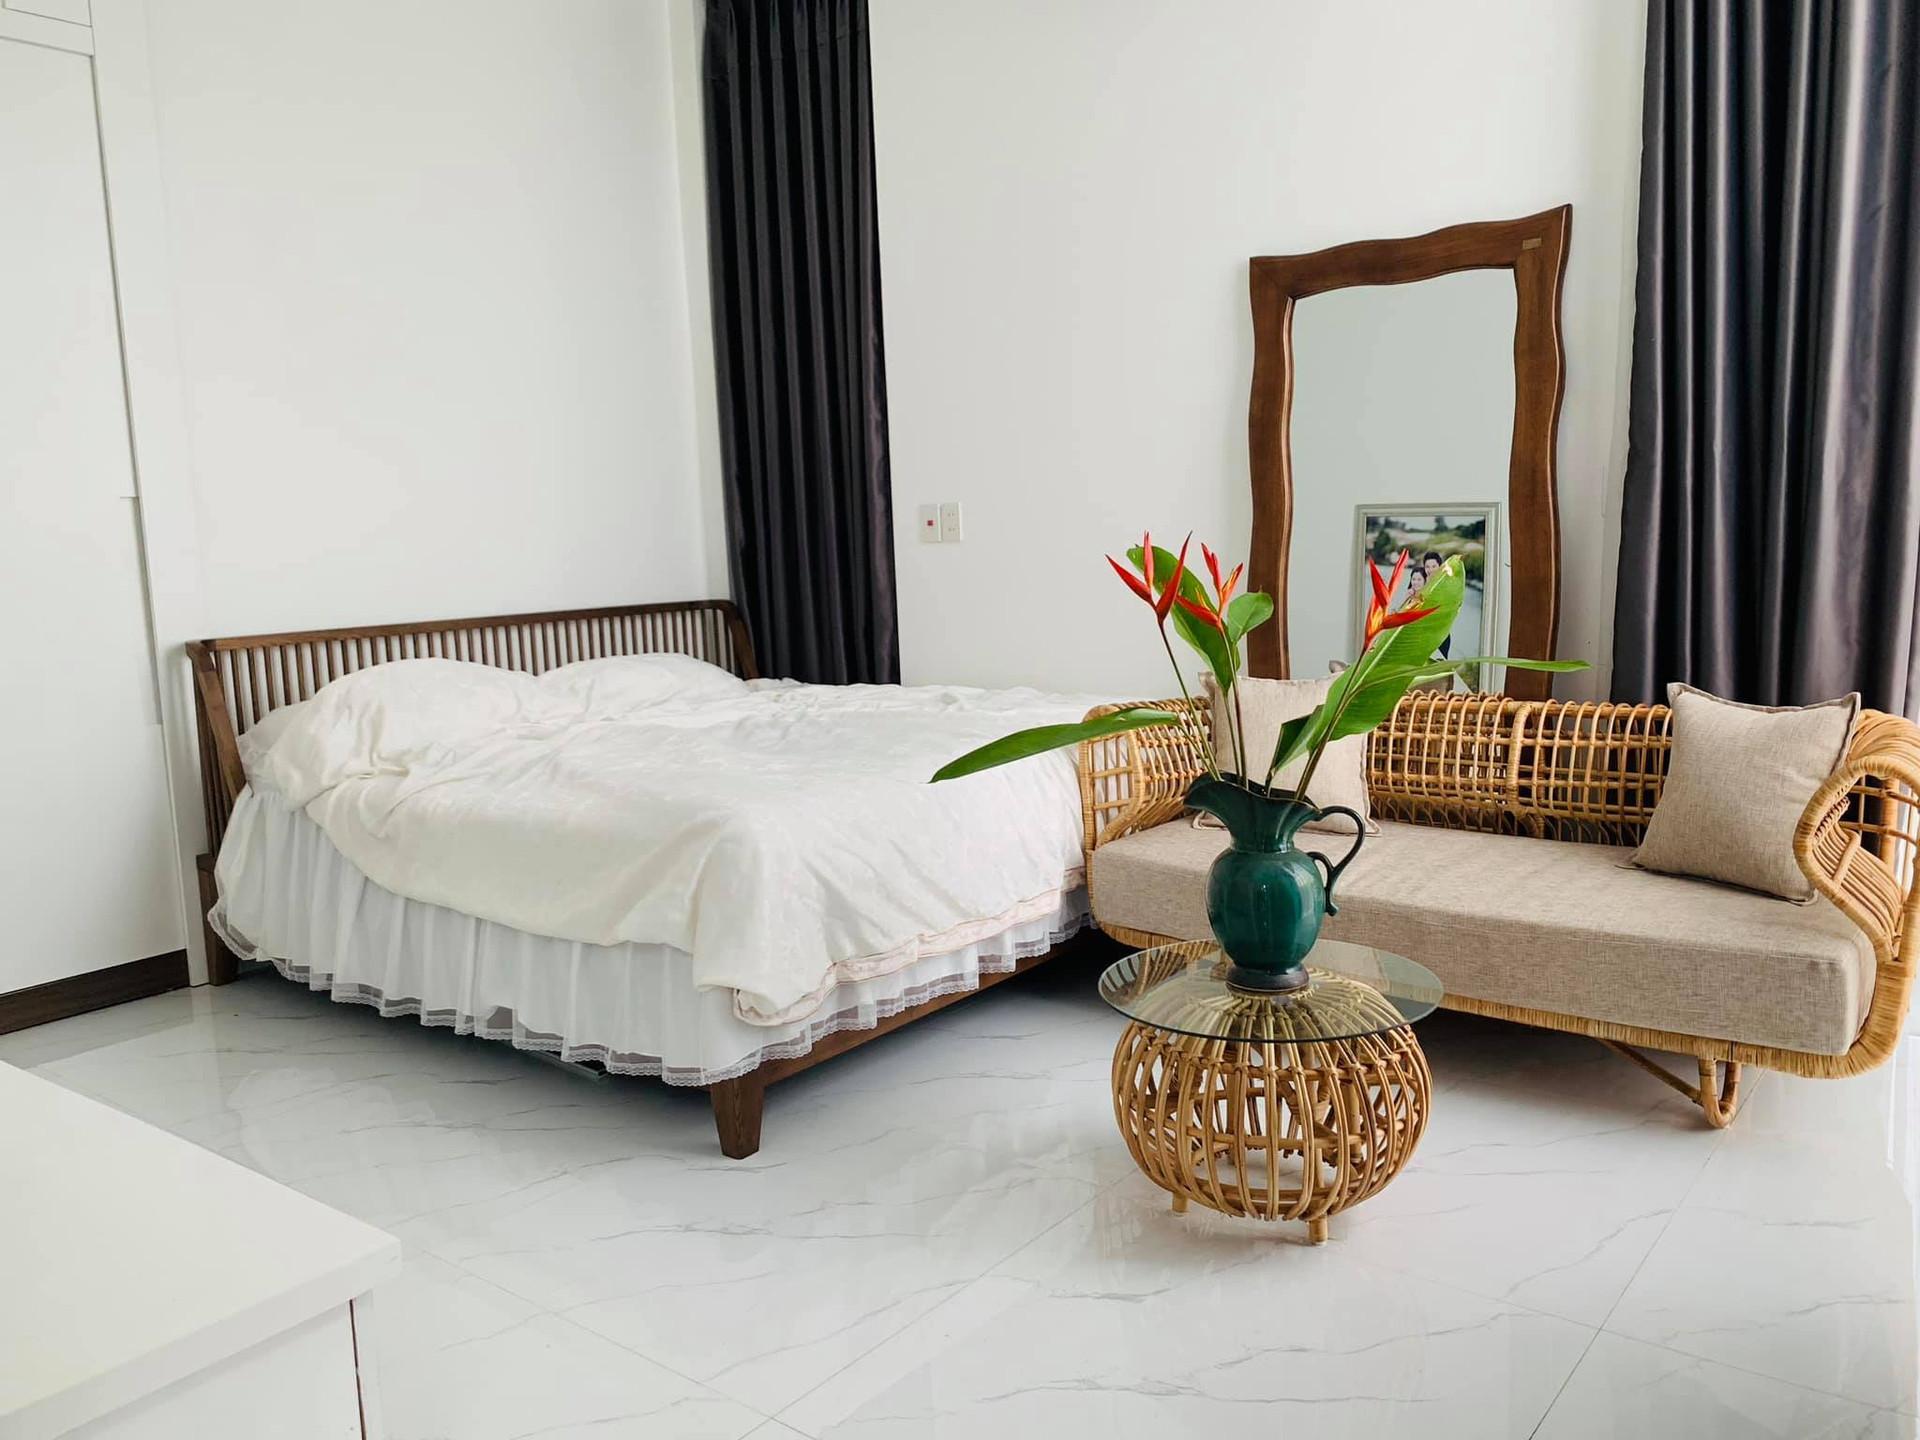 Phòng tắm lộ thiên, mái là giàn cây leo xanh mát trong ngôi nhà hộp 1 tầng-30